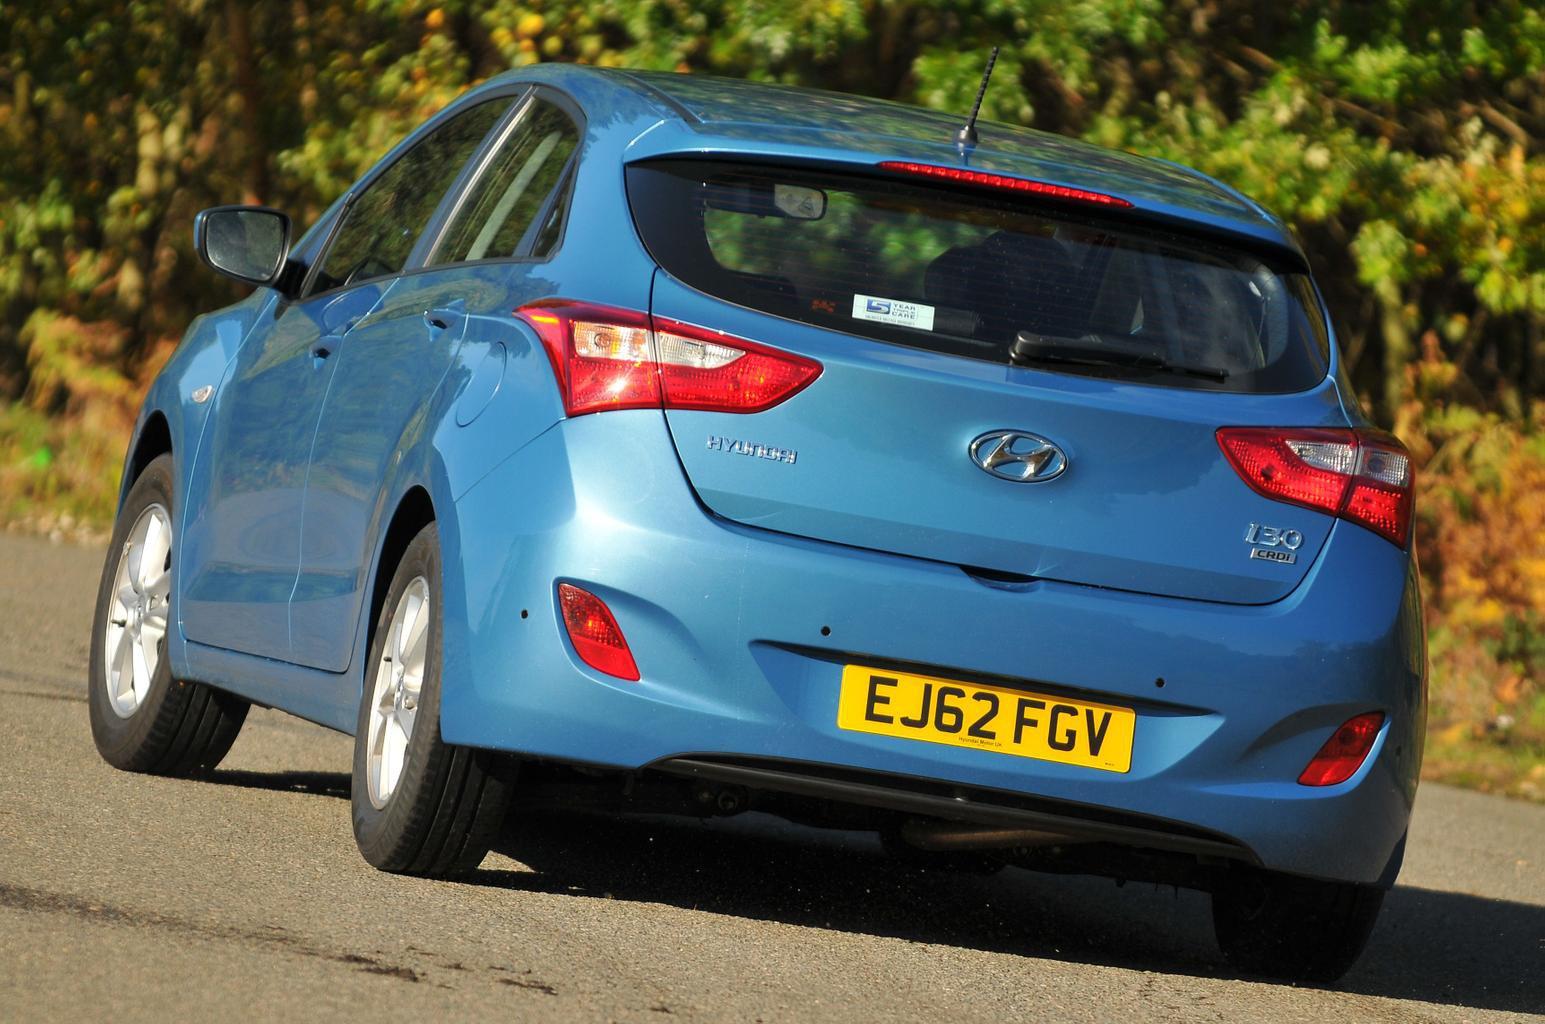 Used Hyundai i30 Hatchback 12-17